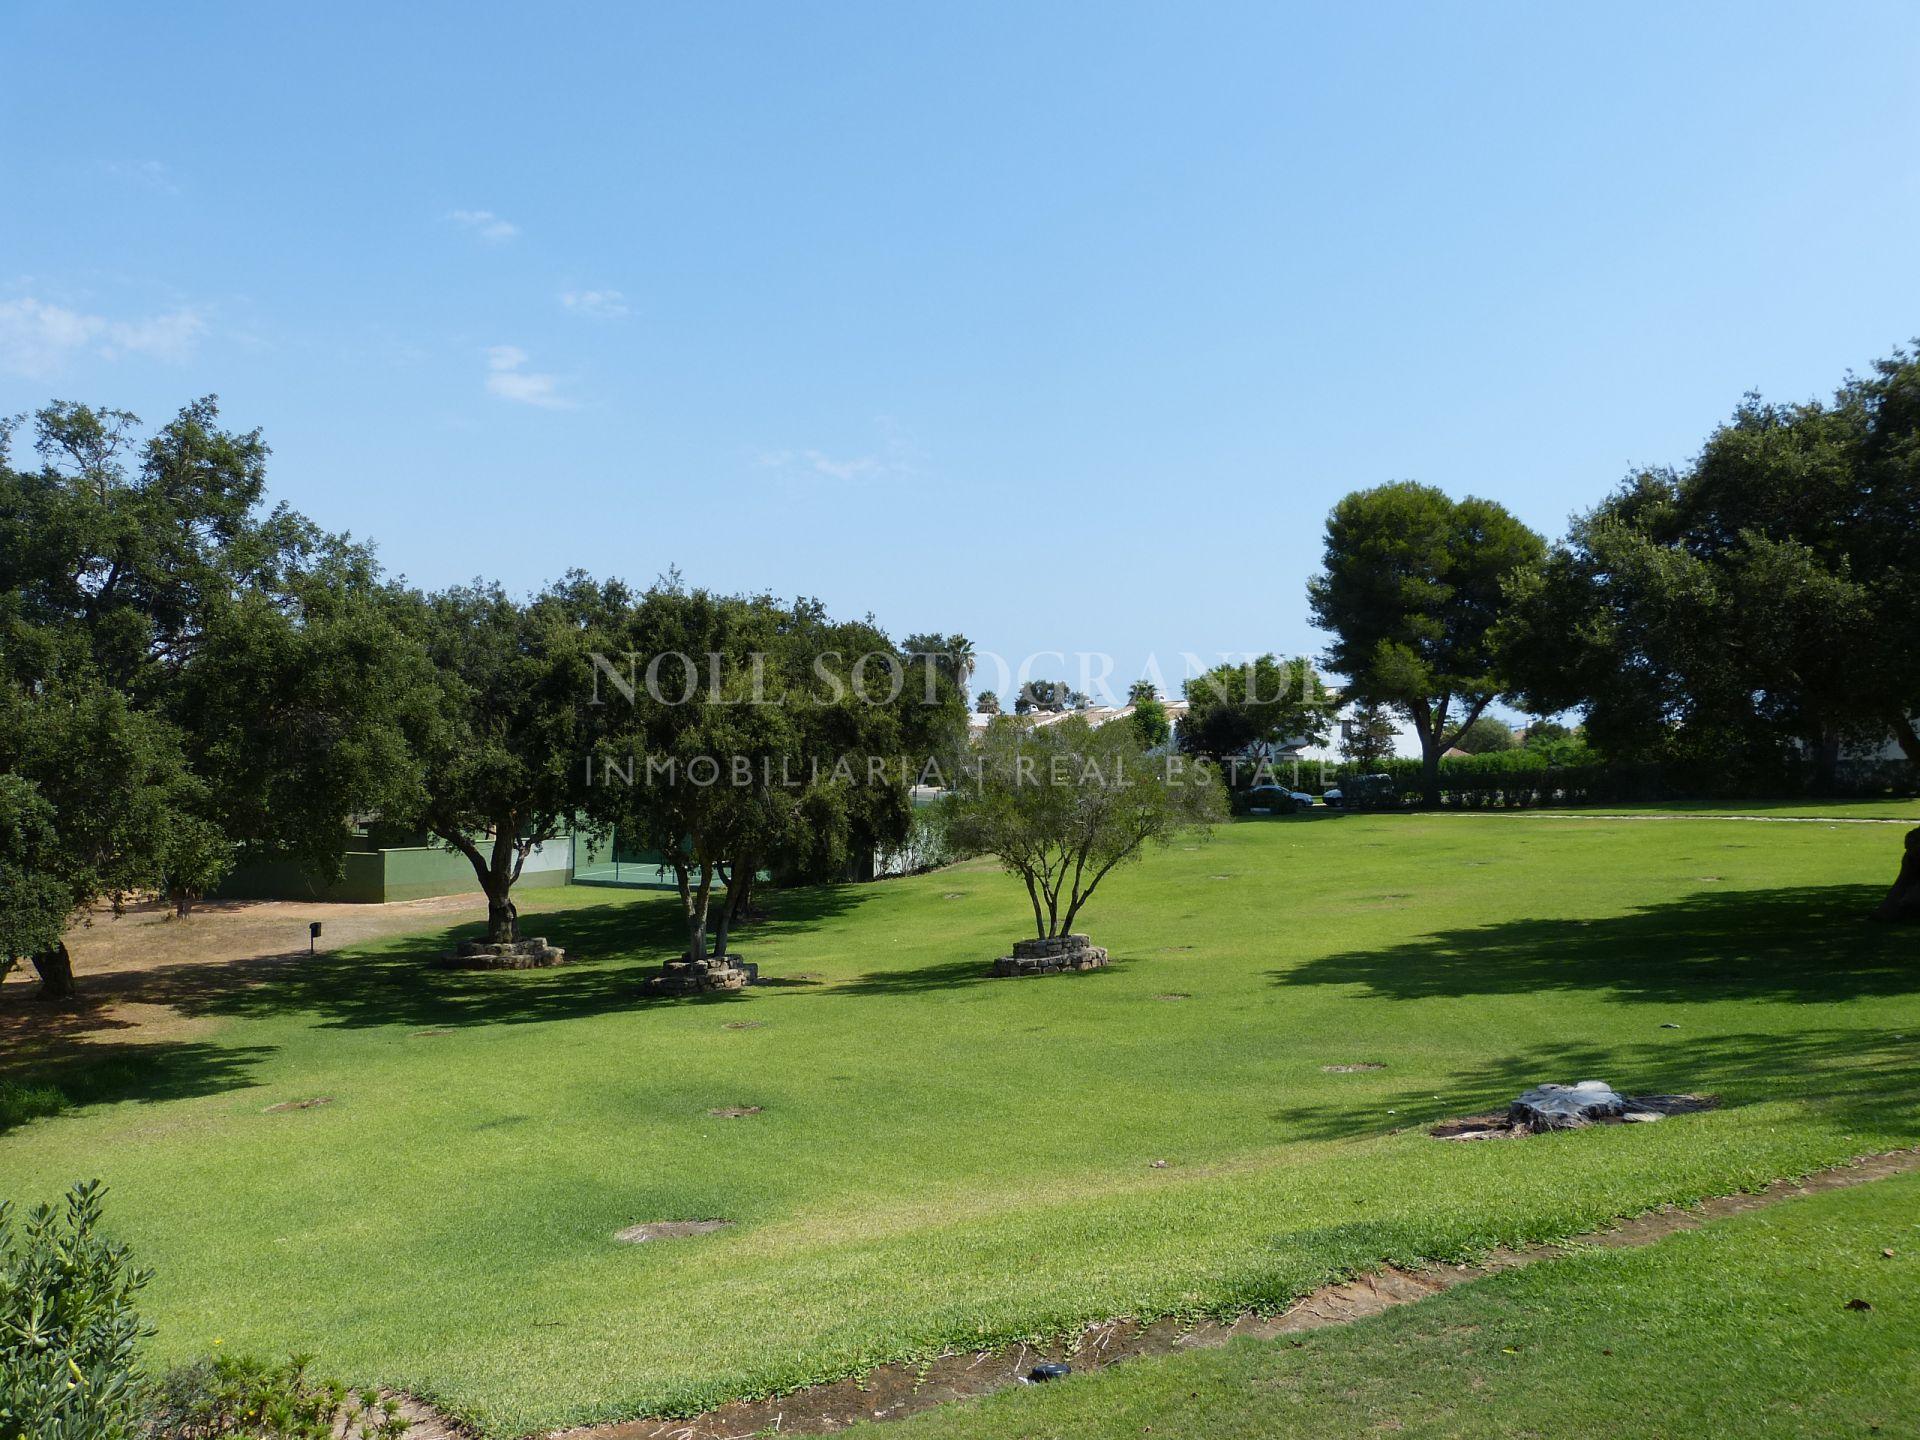 Sotogrande, La Loma townhouse for sale with private garden.